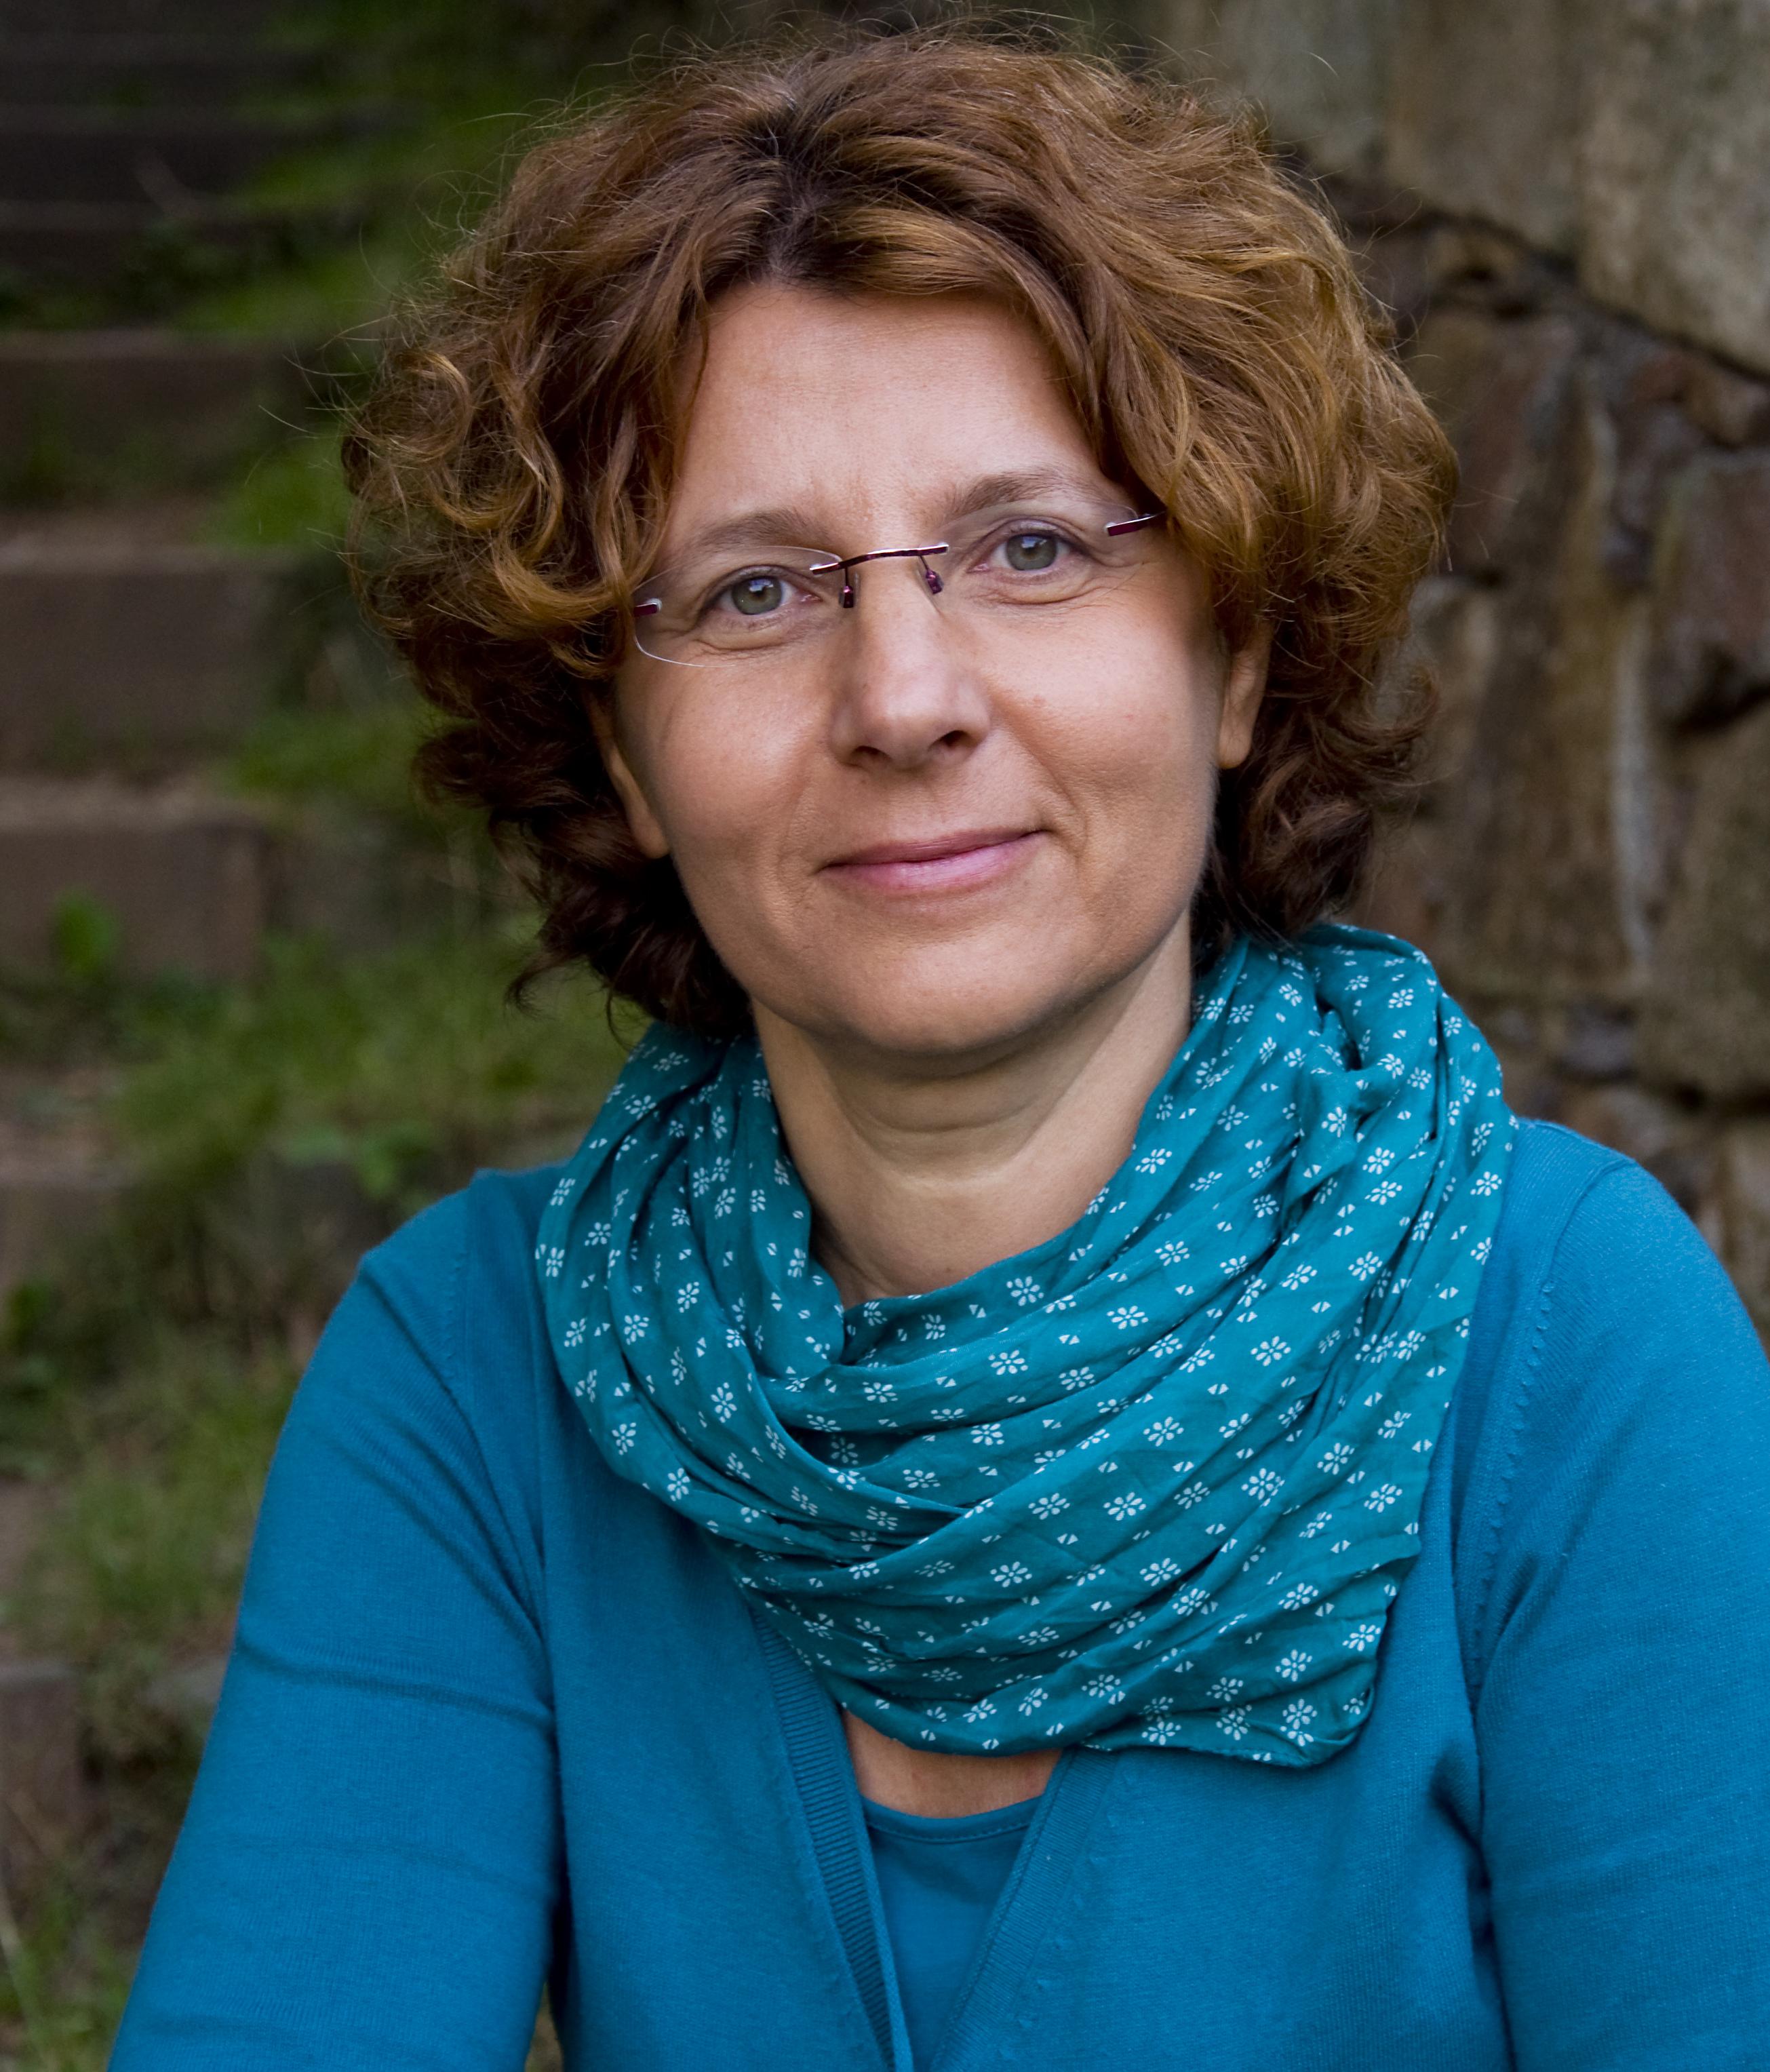 MariannGellai